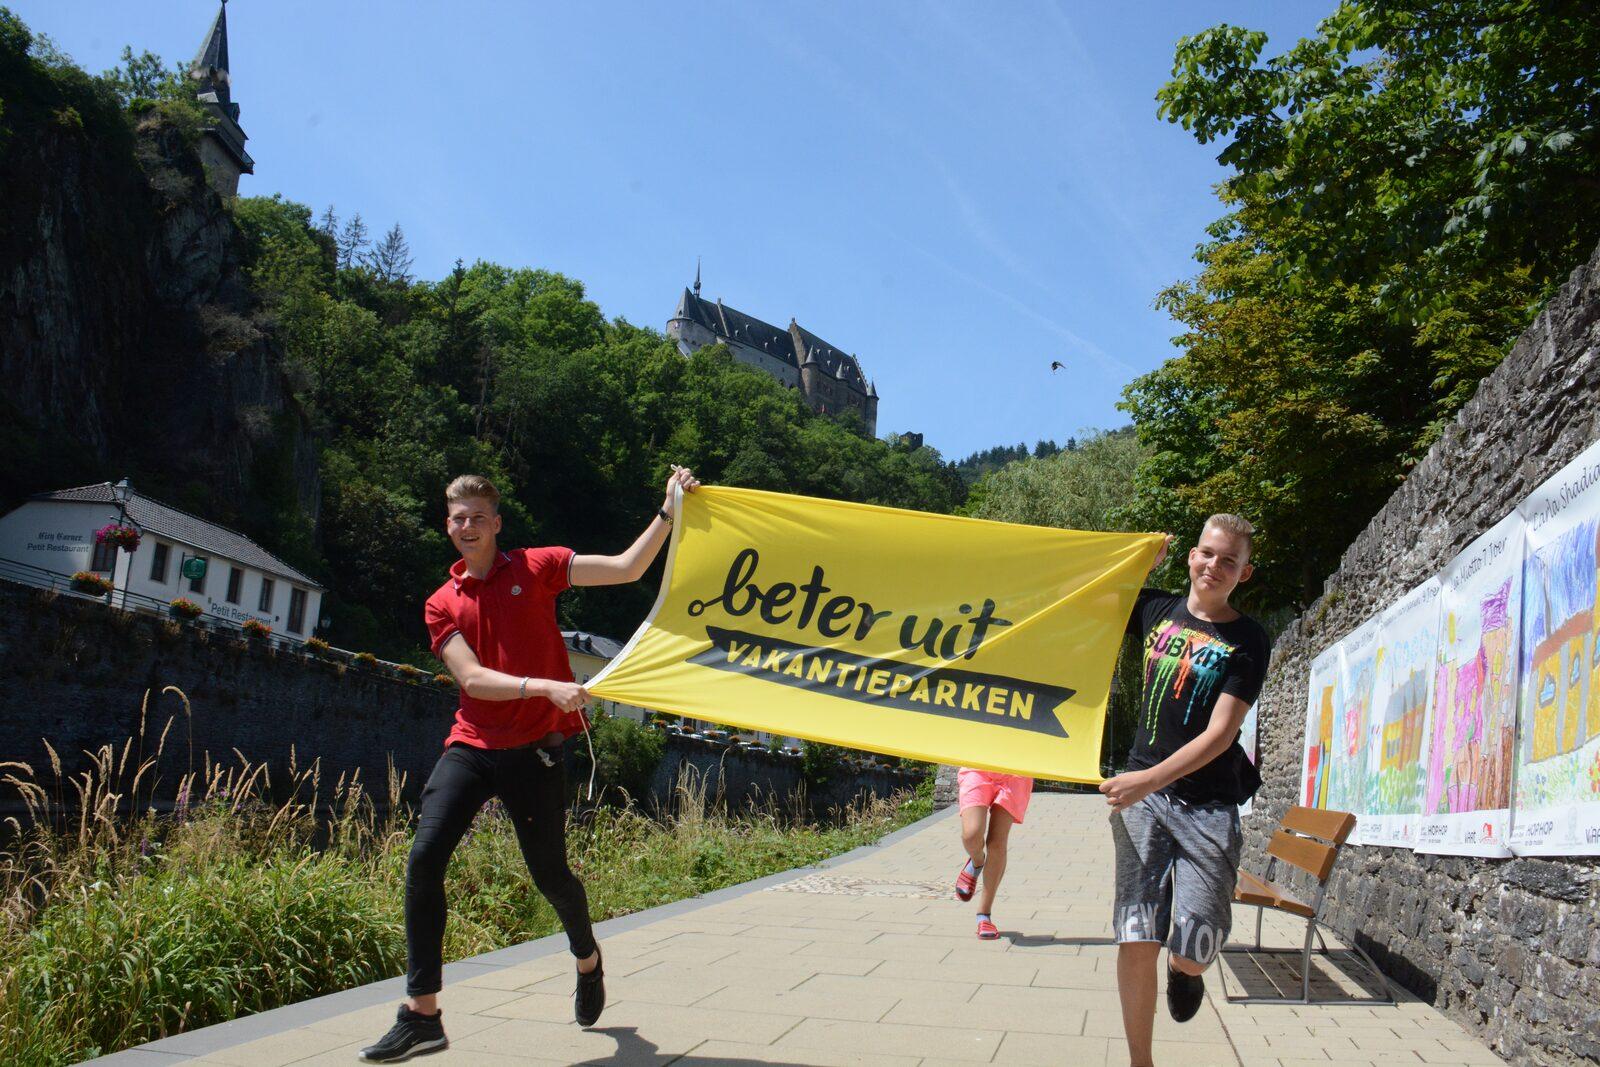 Boys running with flag Vianden